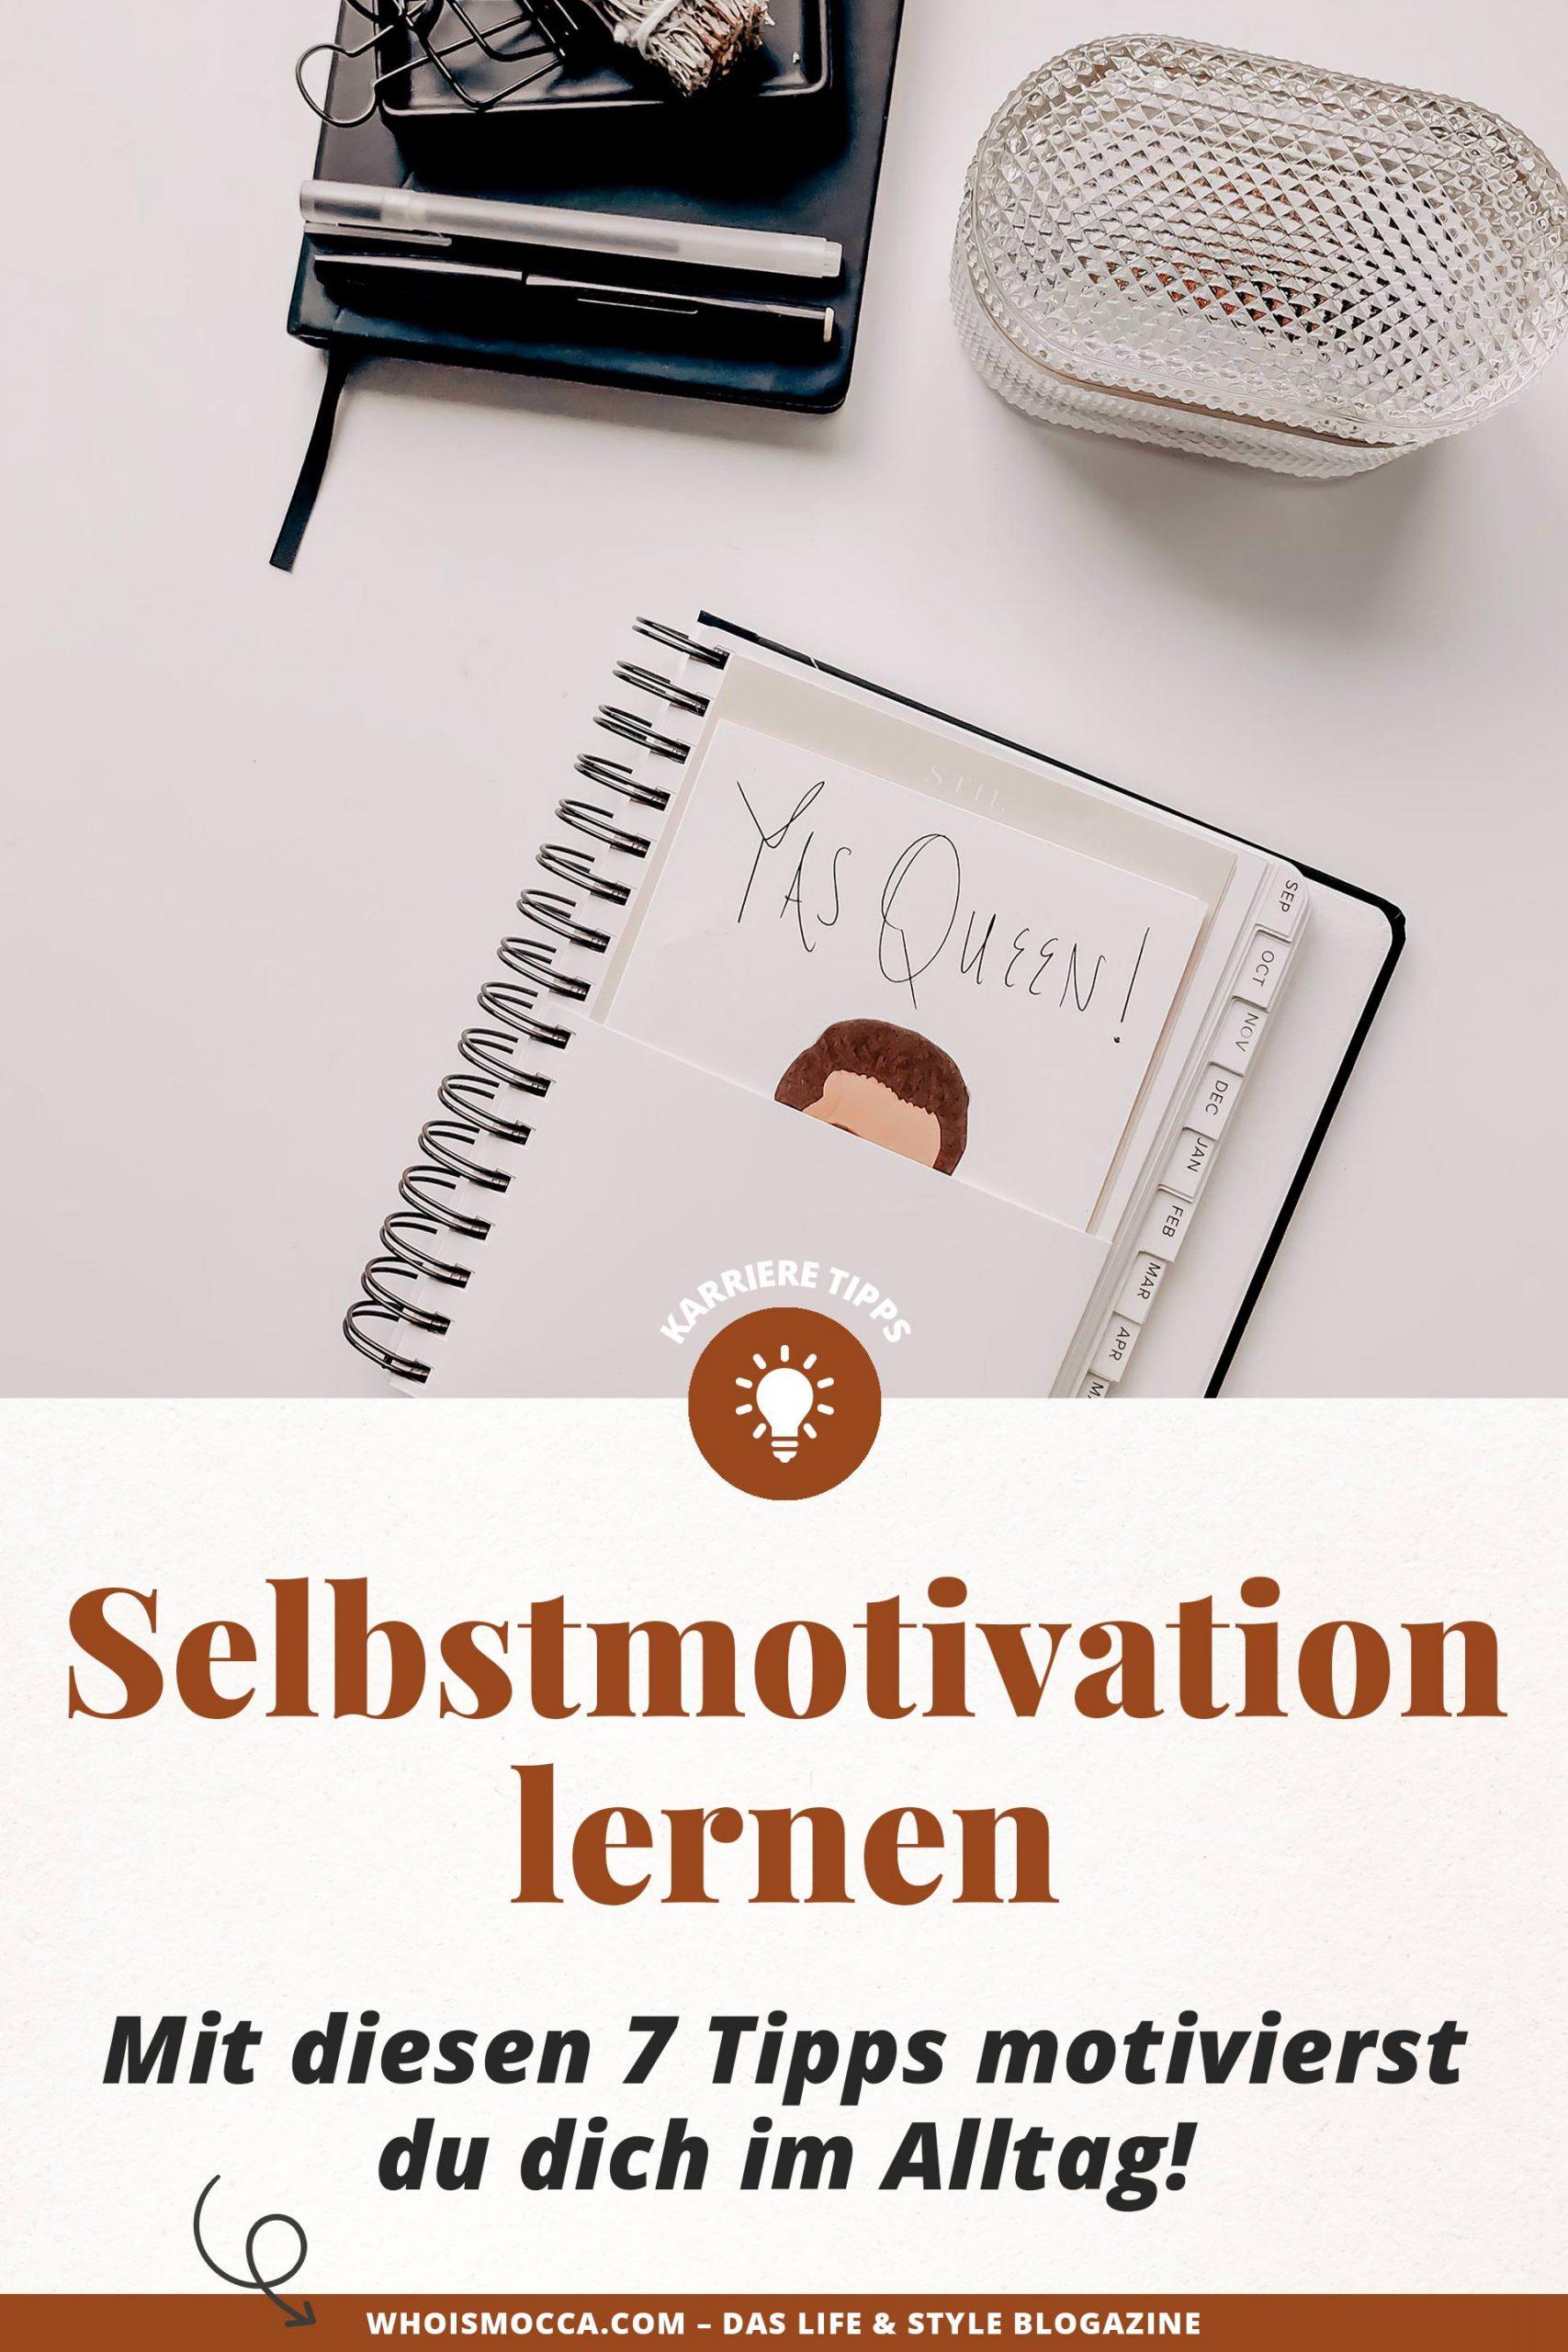 Selbstmotivation lernen ist nicht schwer. Ich verrate dir 7 einfache Tipps, wie du dich im Alltag und Home Office motivierst und deine Selbstmotivation erheblich steigern kannst!www.whoismocca.com #selbstmotivation #homeoffice #produktivität